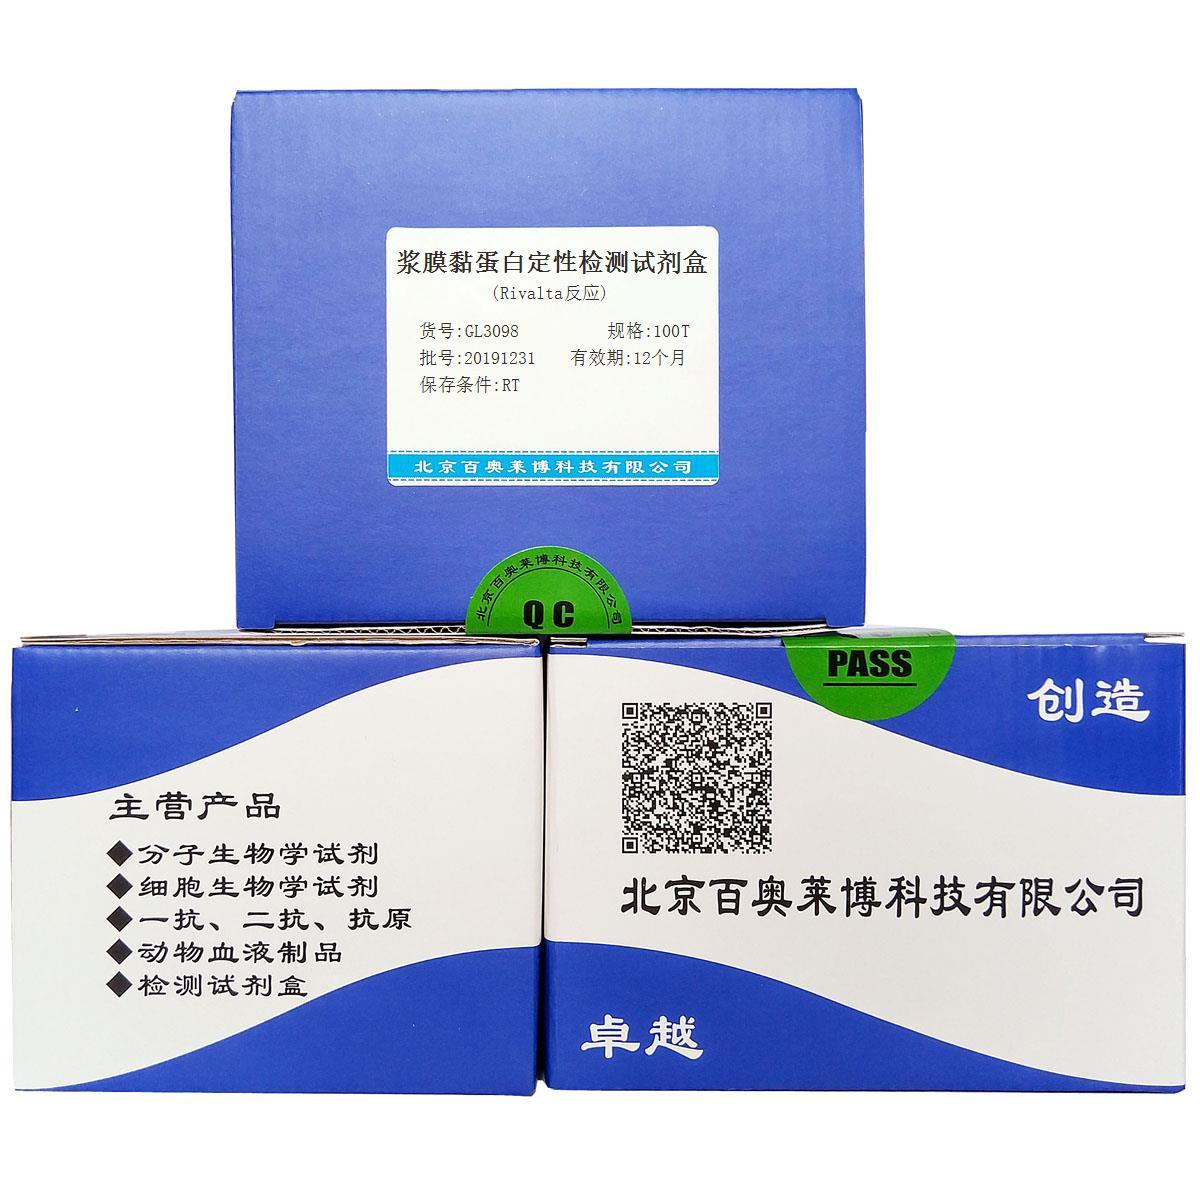 浆膜黏蛋白定性检测试剂盒(Rivalta反应)